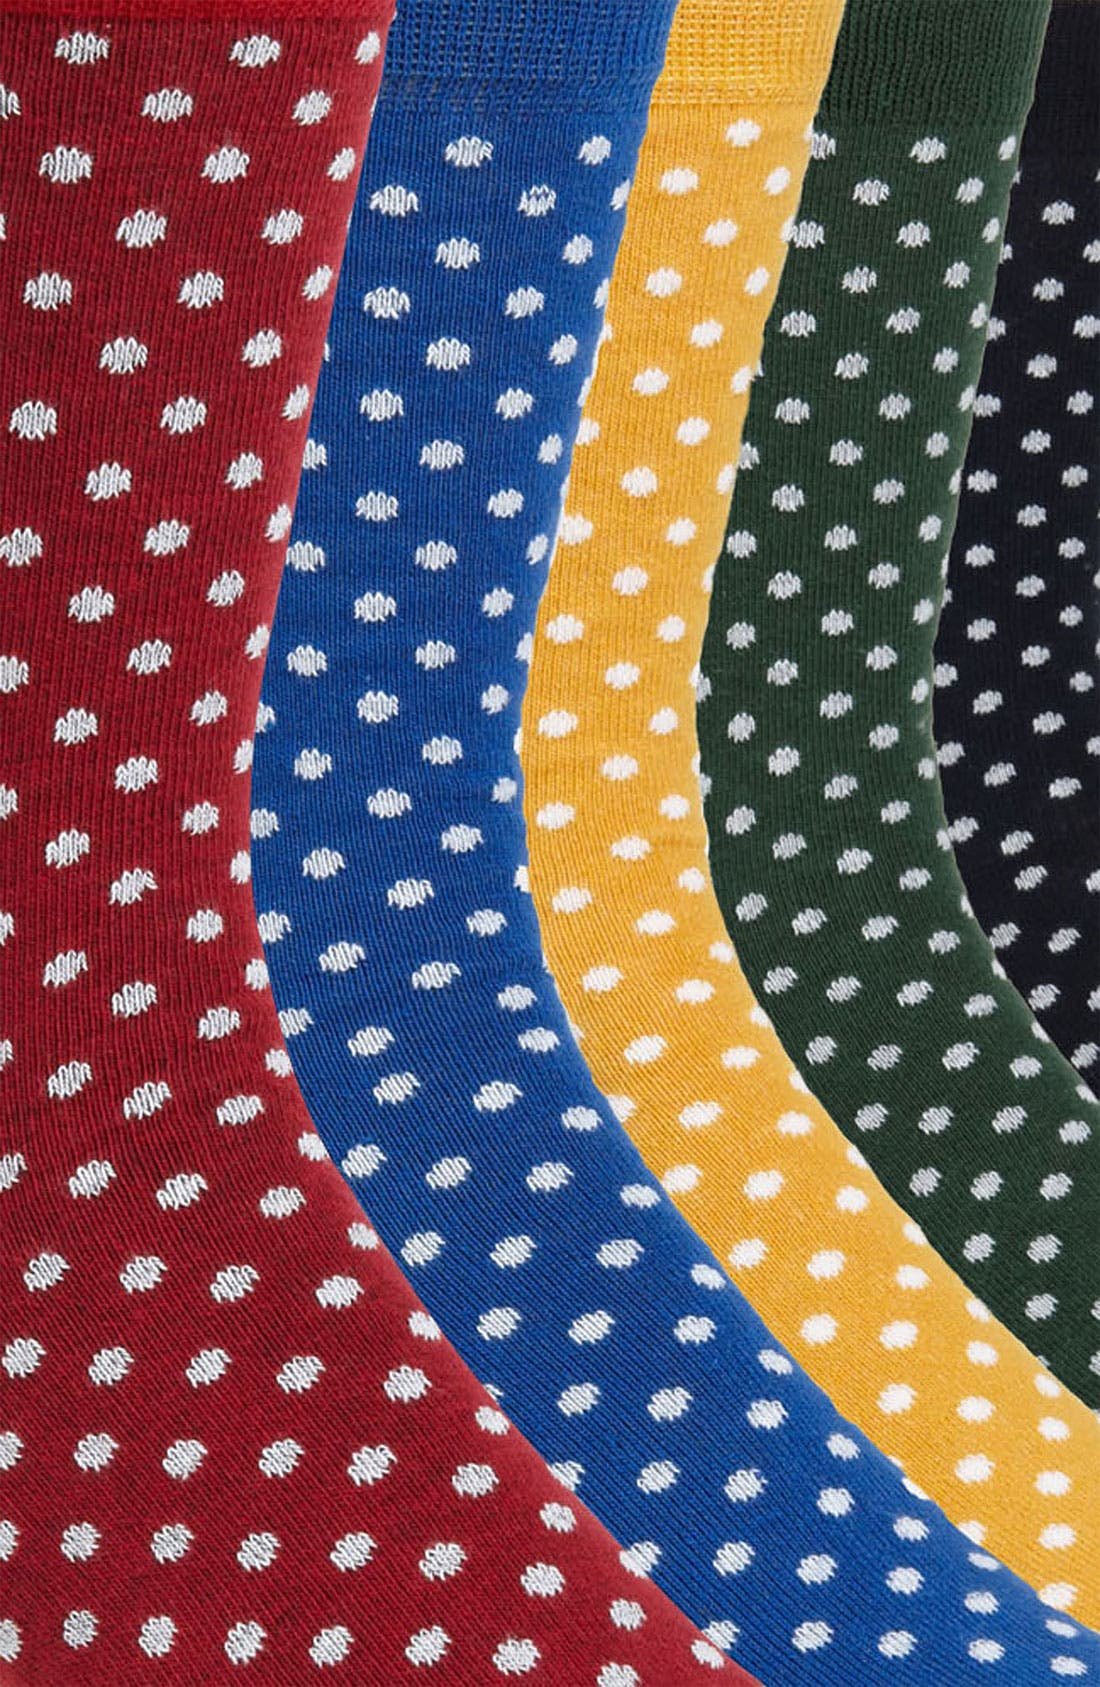 Alternate Image 2  - Topman Polka Dot Socks (5-Pack)